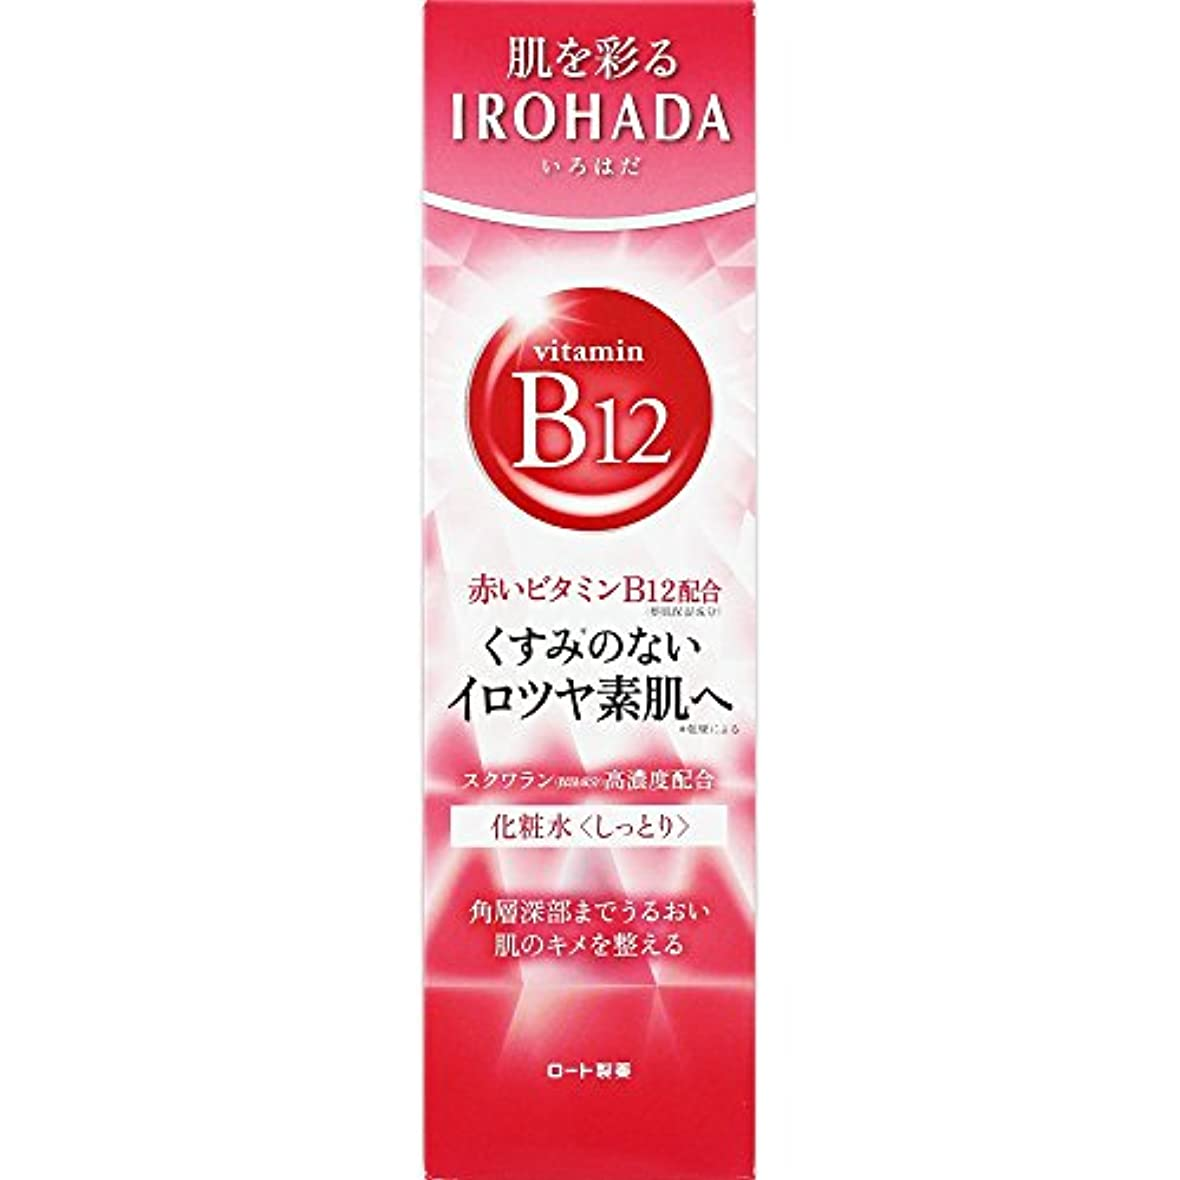 カーフ伝説背景ロート製薬 いろはだ (IROHADA) 赤いビタミンB12×スクワラン配合 化粧水しっとり 160ml